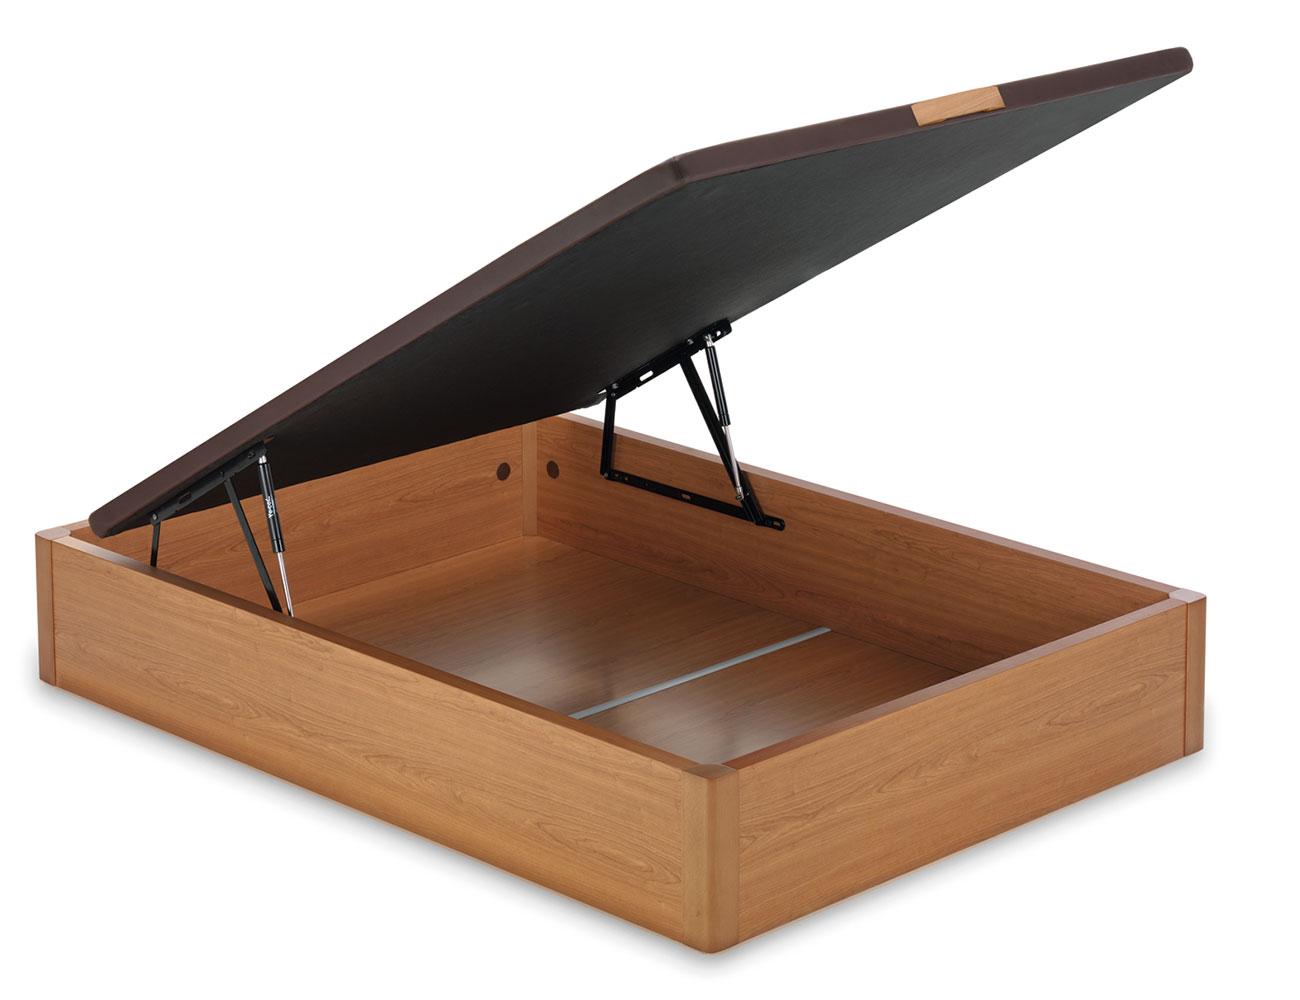 Canape madera 5 cm grosor gran calidad abierto